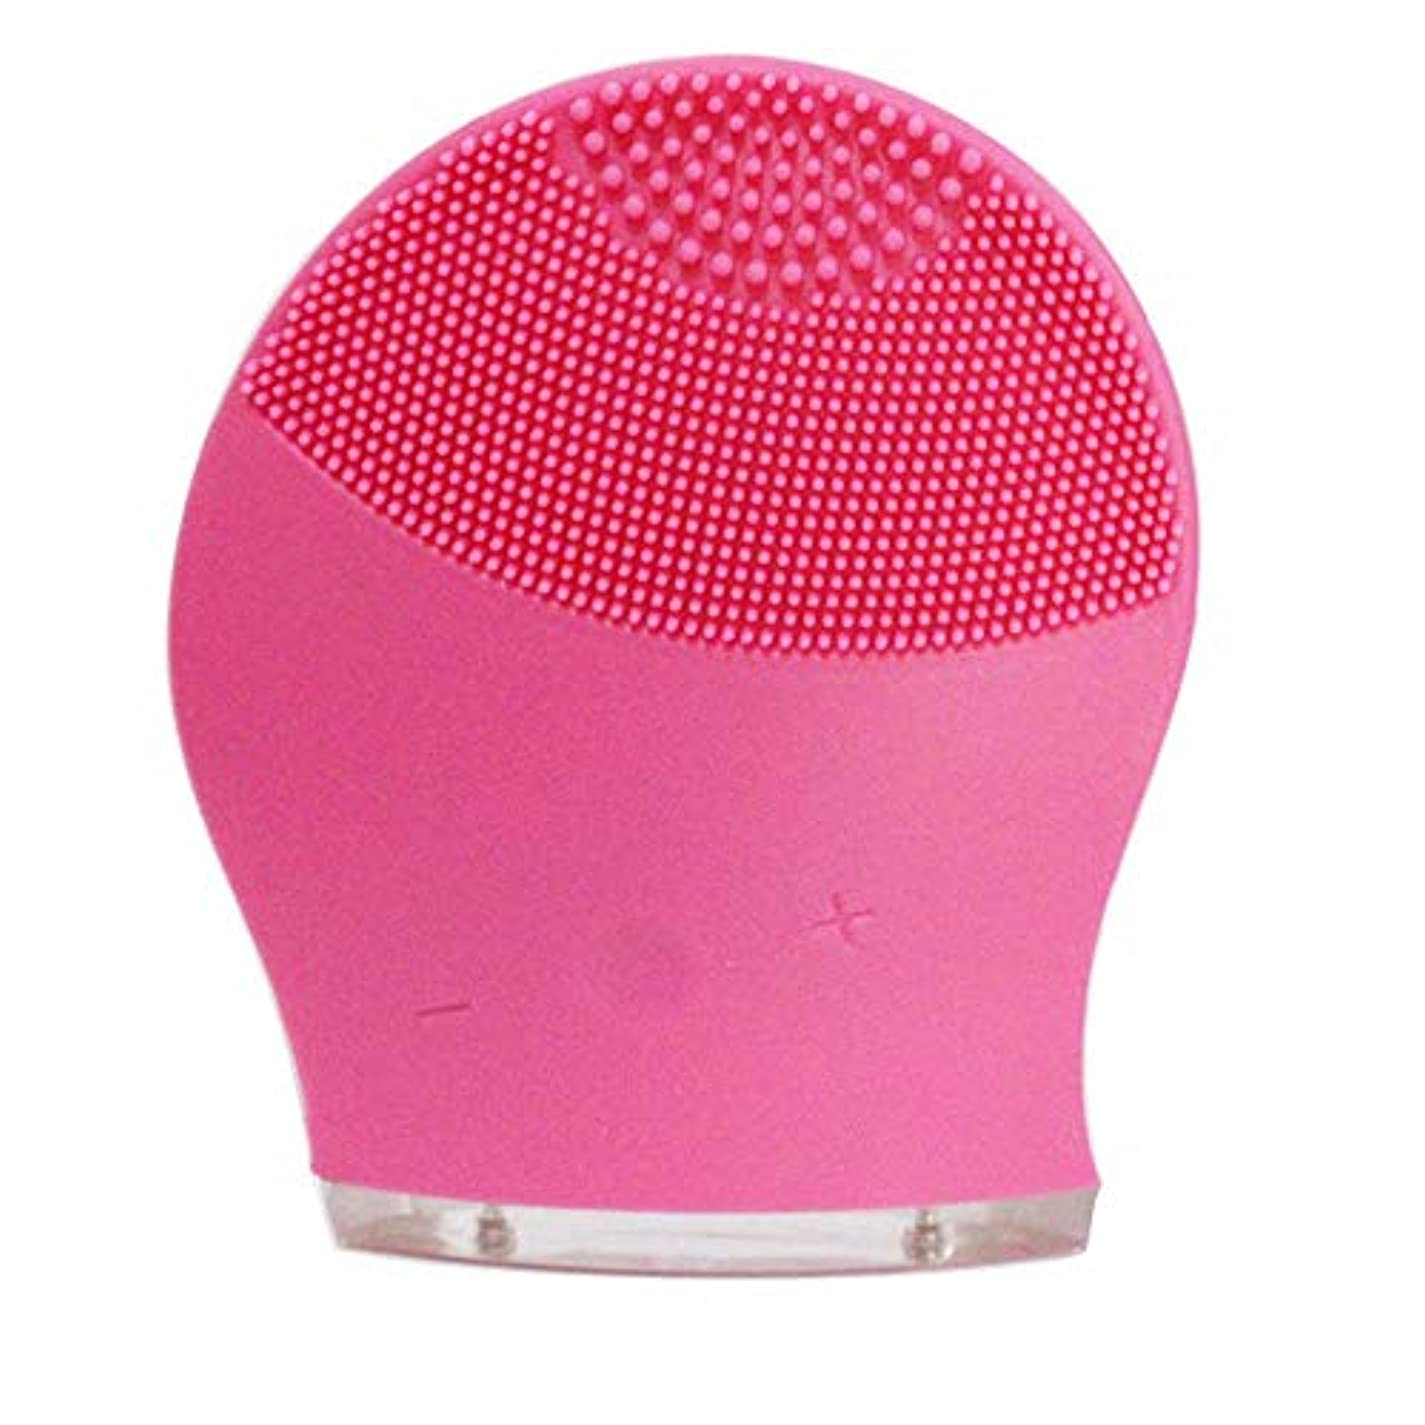 哲学的問題政権ZXF 新電気洗浄器シリコーン洗浄器超音波振動洗浄ブラシUSB充電毛穴洗浄 滑らかである (色 : Red)